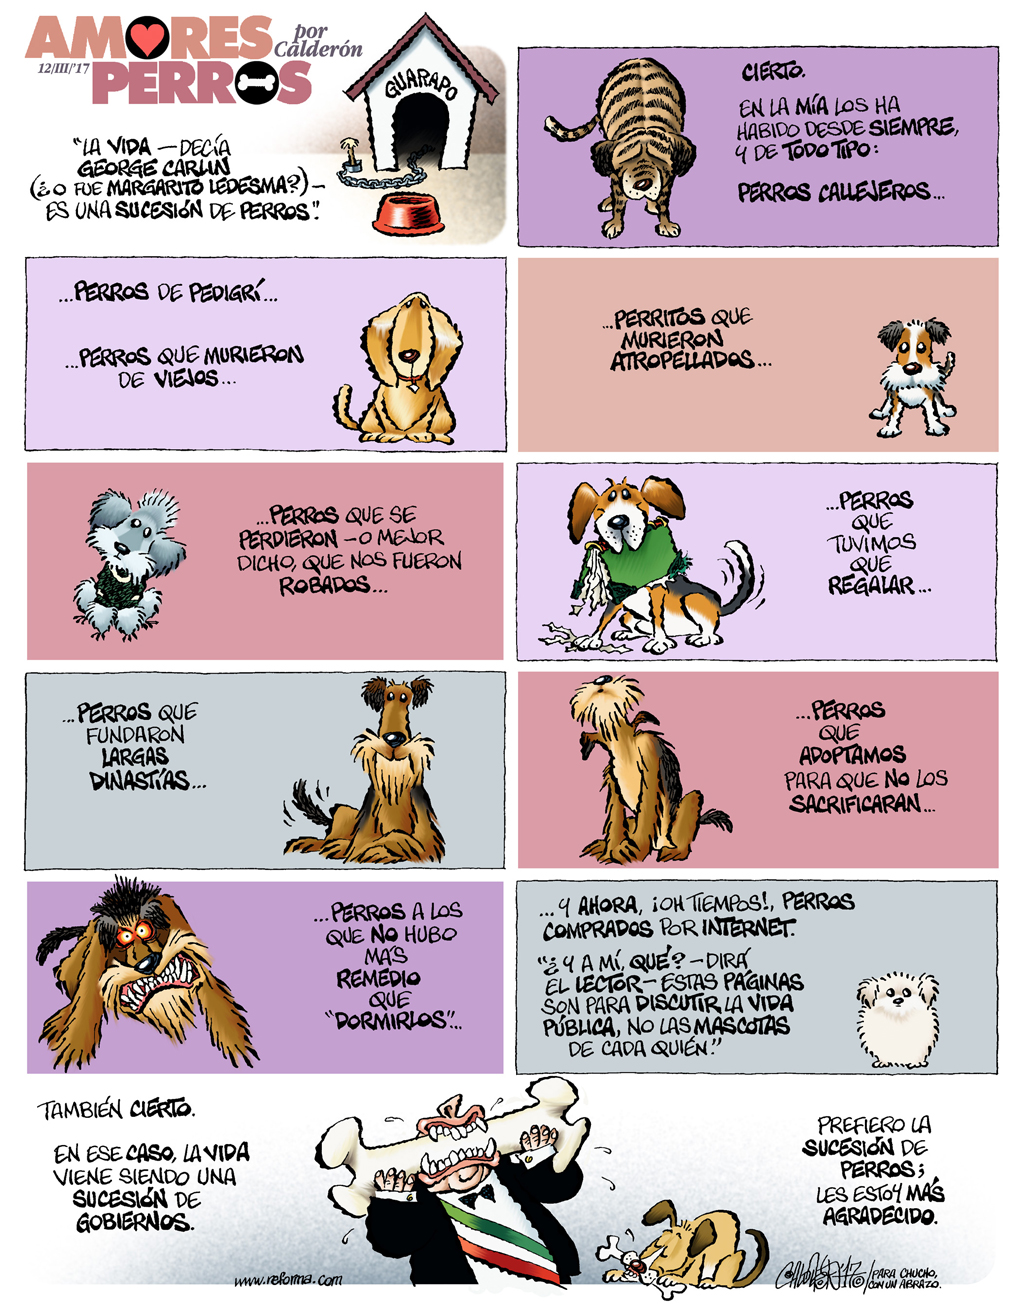 Amores perros - Calderón